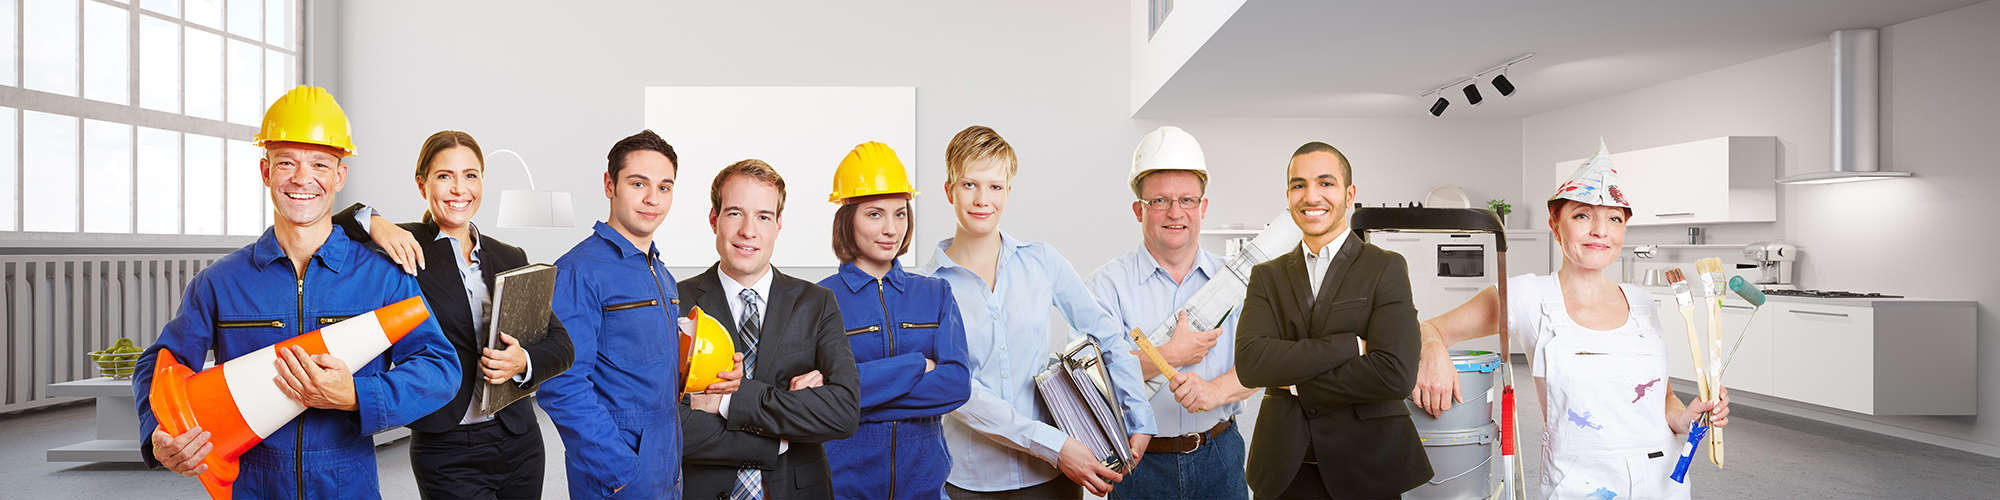 Job link staffing services